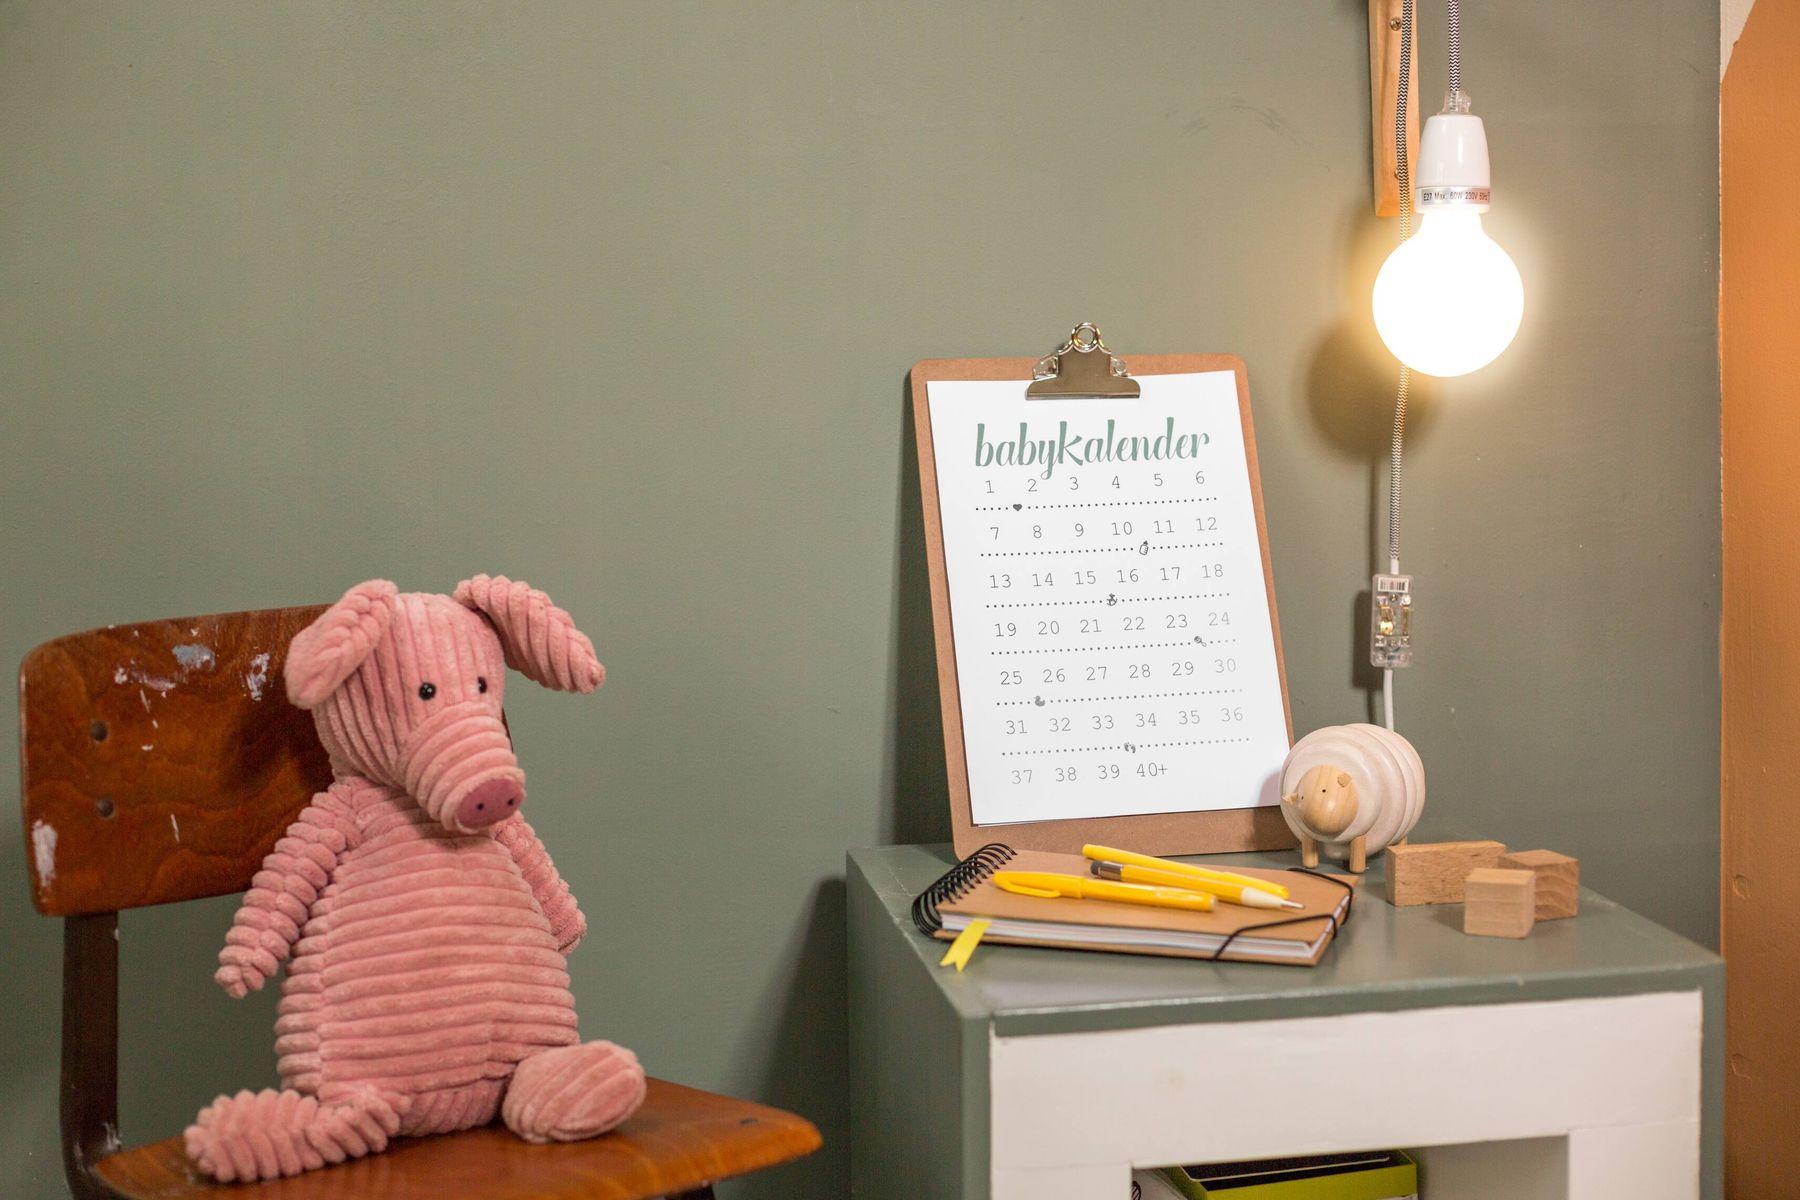 trang trí bàn học với những vật dễ thương